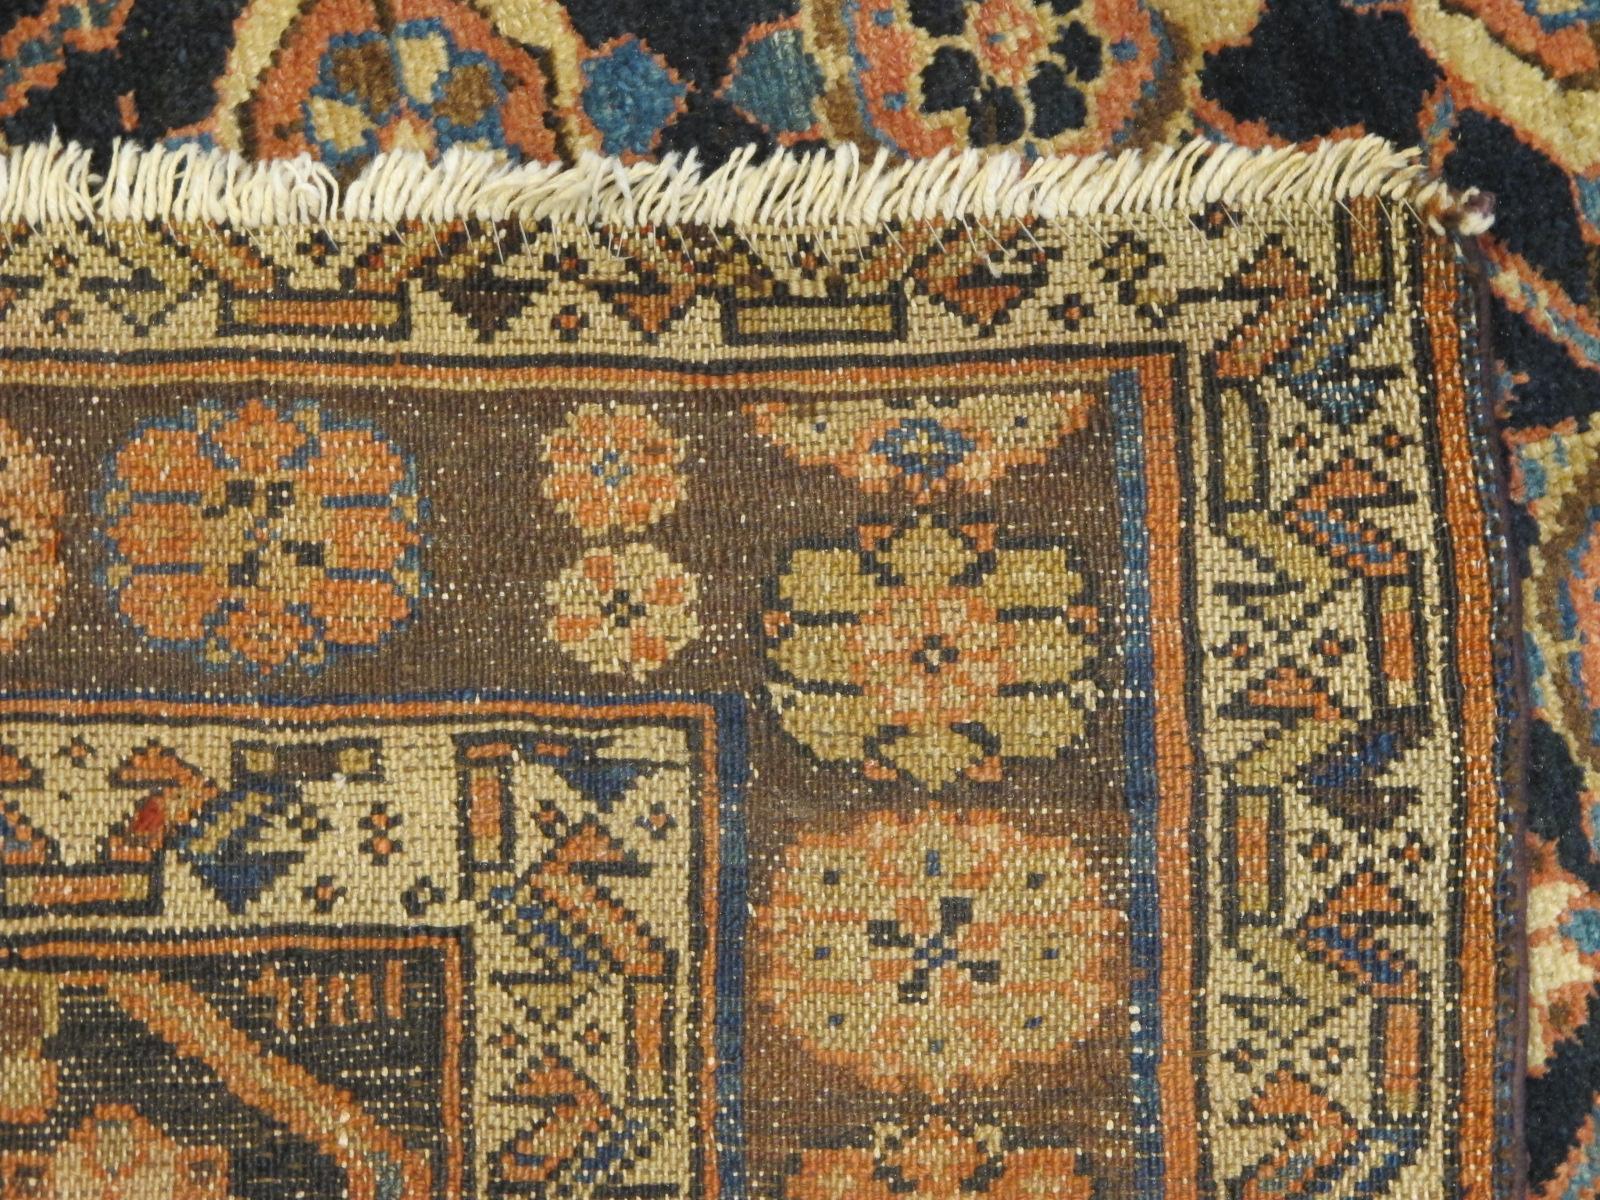 22148 Antique Persian Veramin gallery rug 5,5 x 11,2 (5)